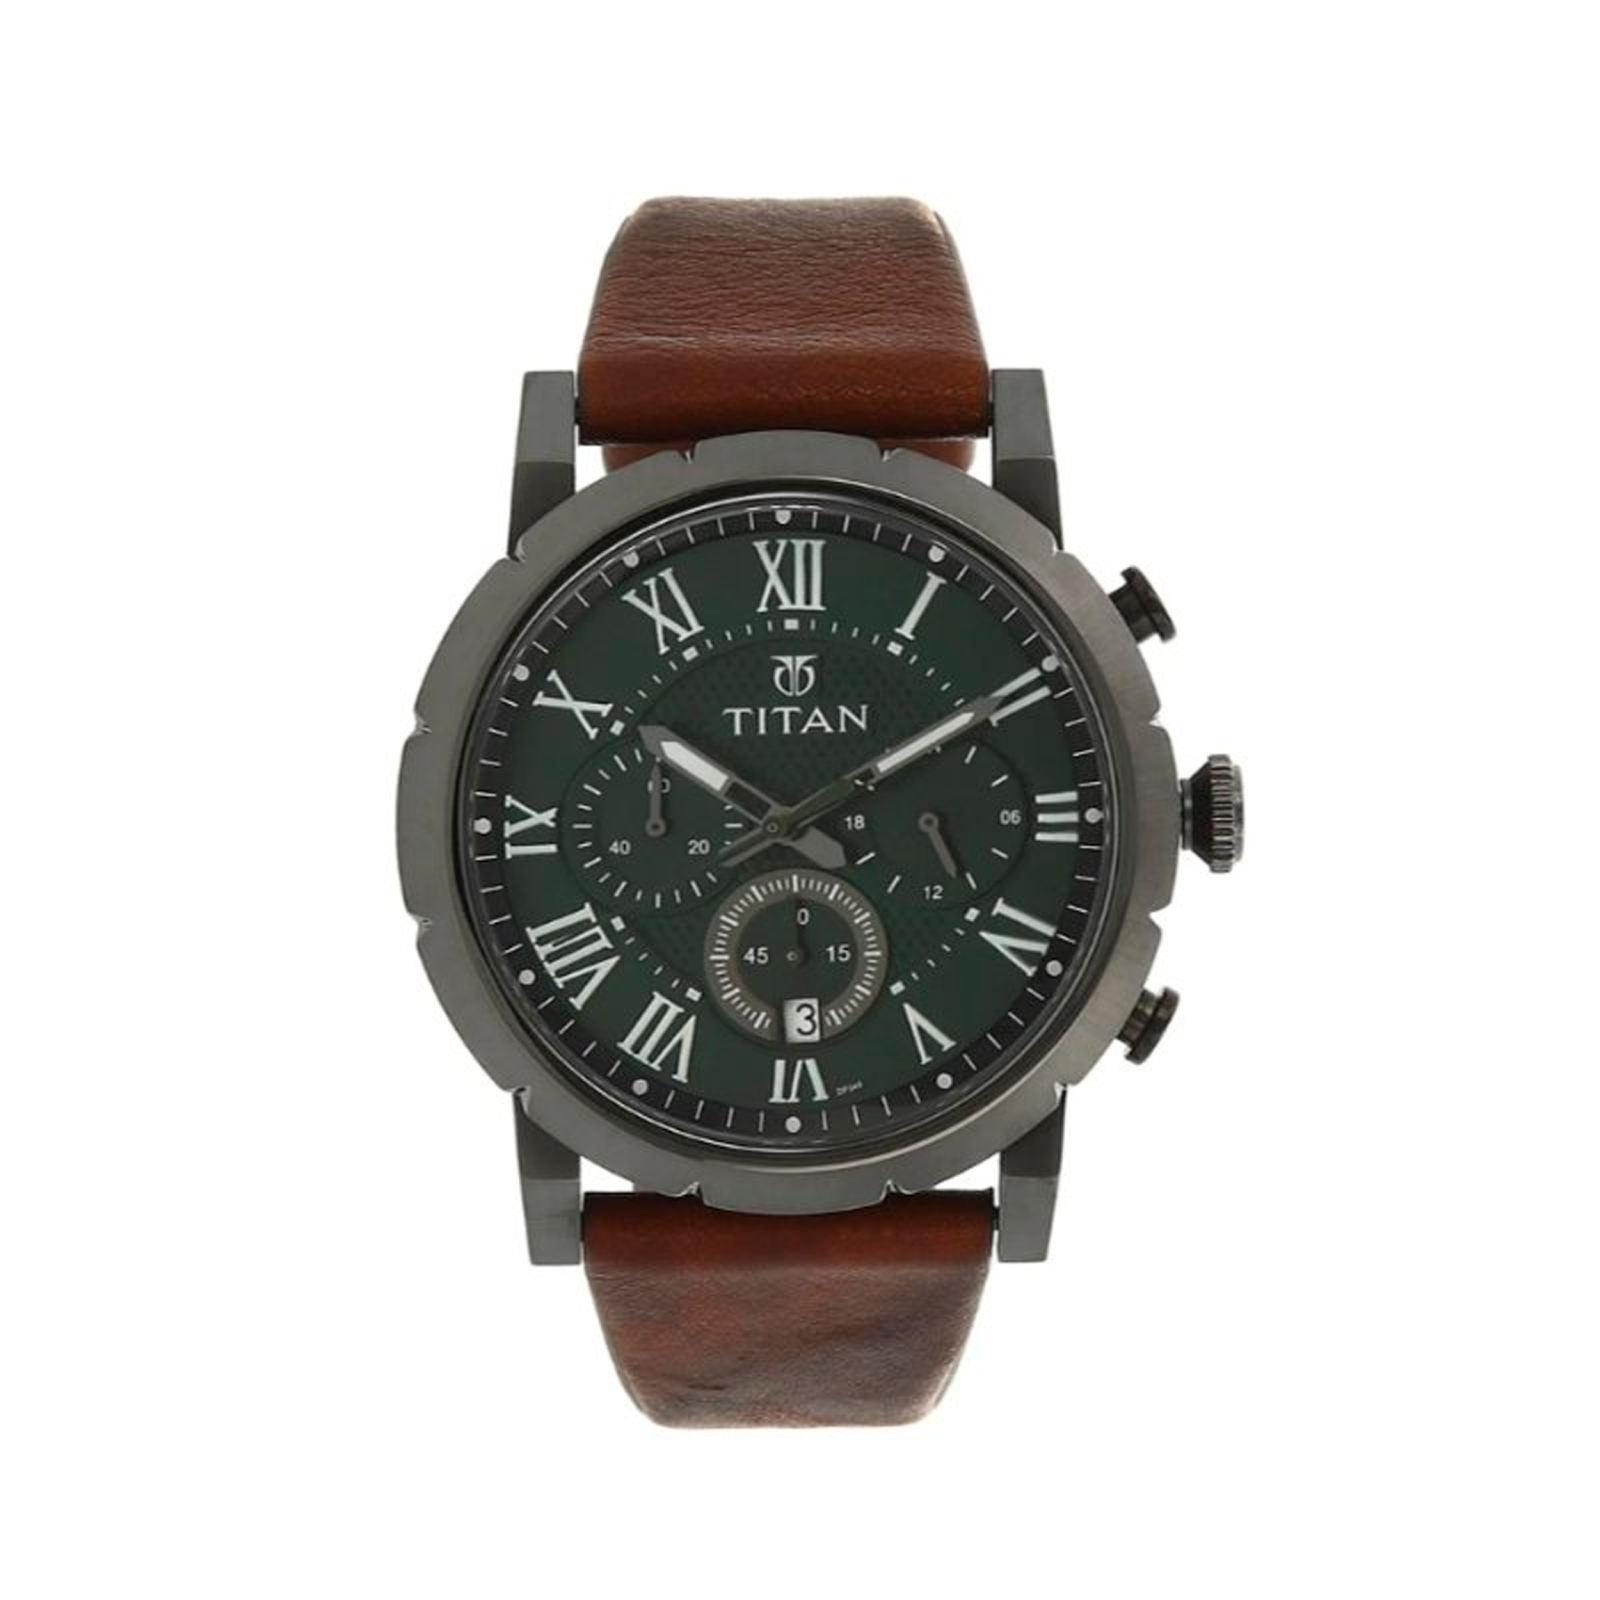 ساعت مچی عقربه ای مردانه تیتان مدل 90050QL01 -  - 2